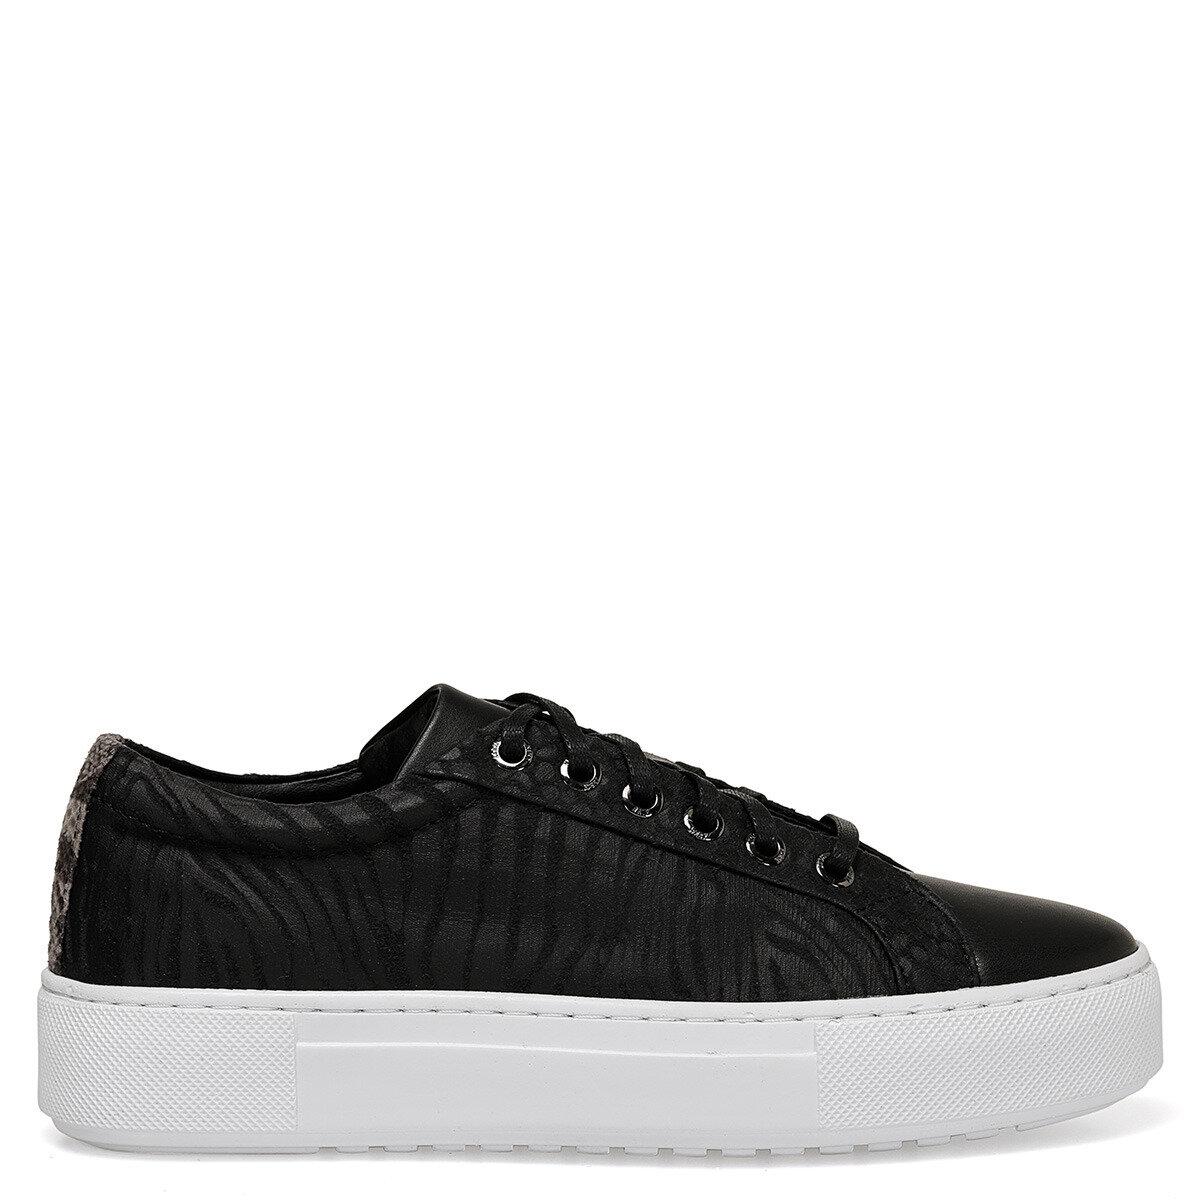 WARHOL Siyah Kadın Spor Ayakkabı